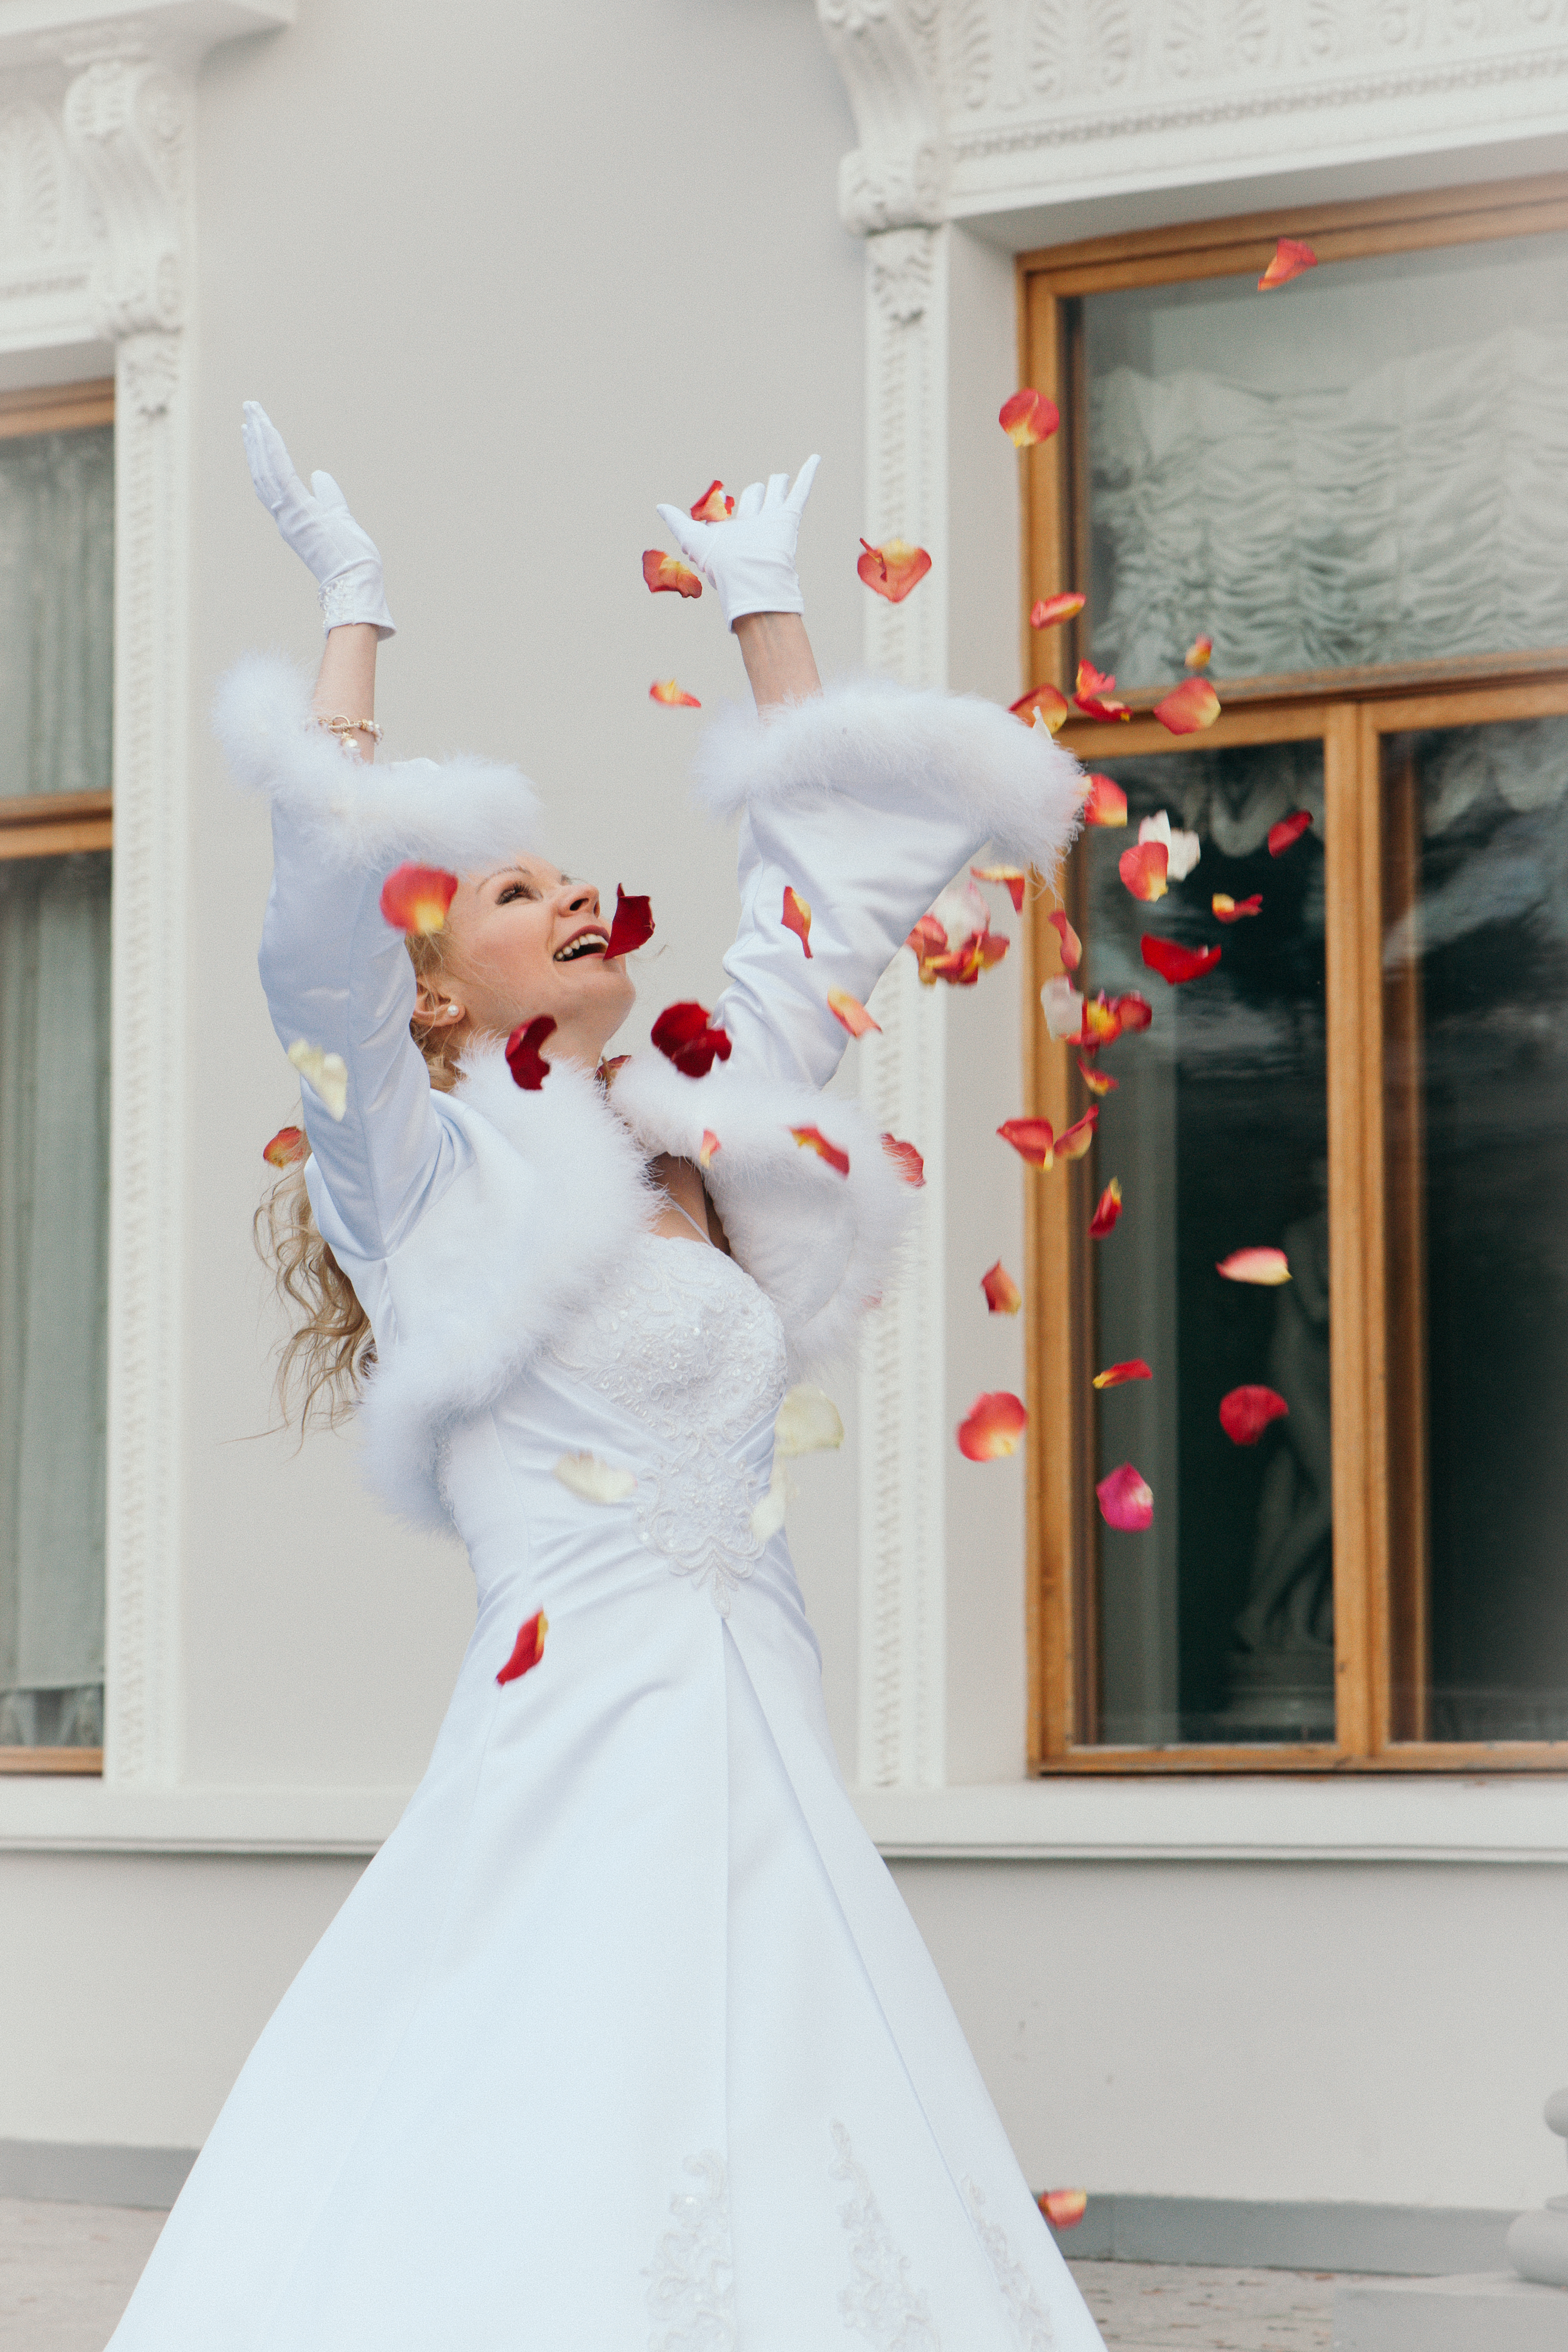 Die schöne Braut Irina